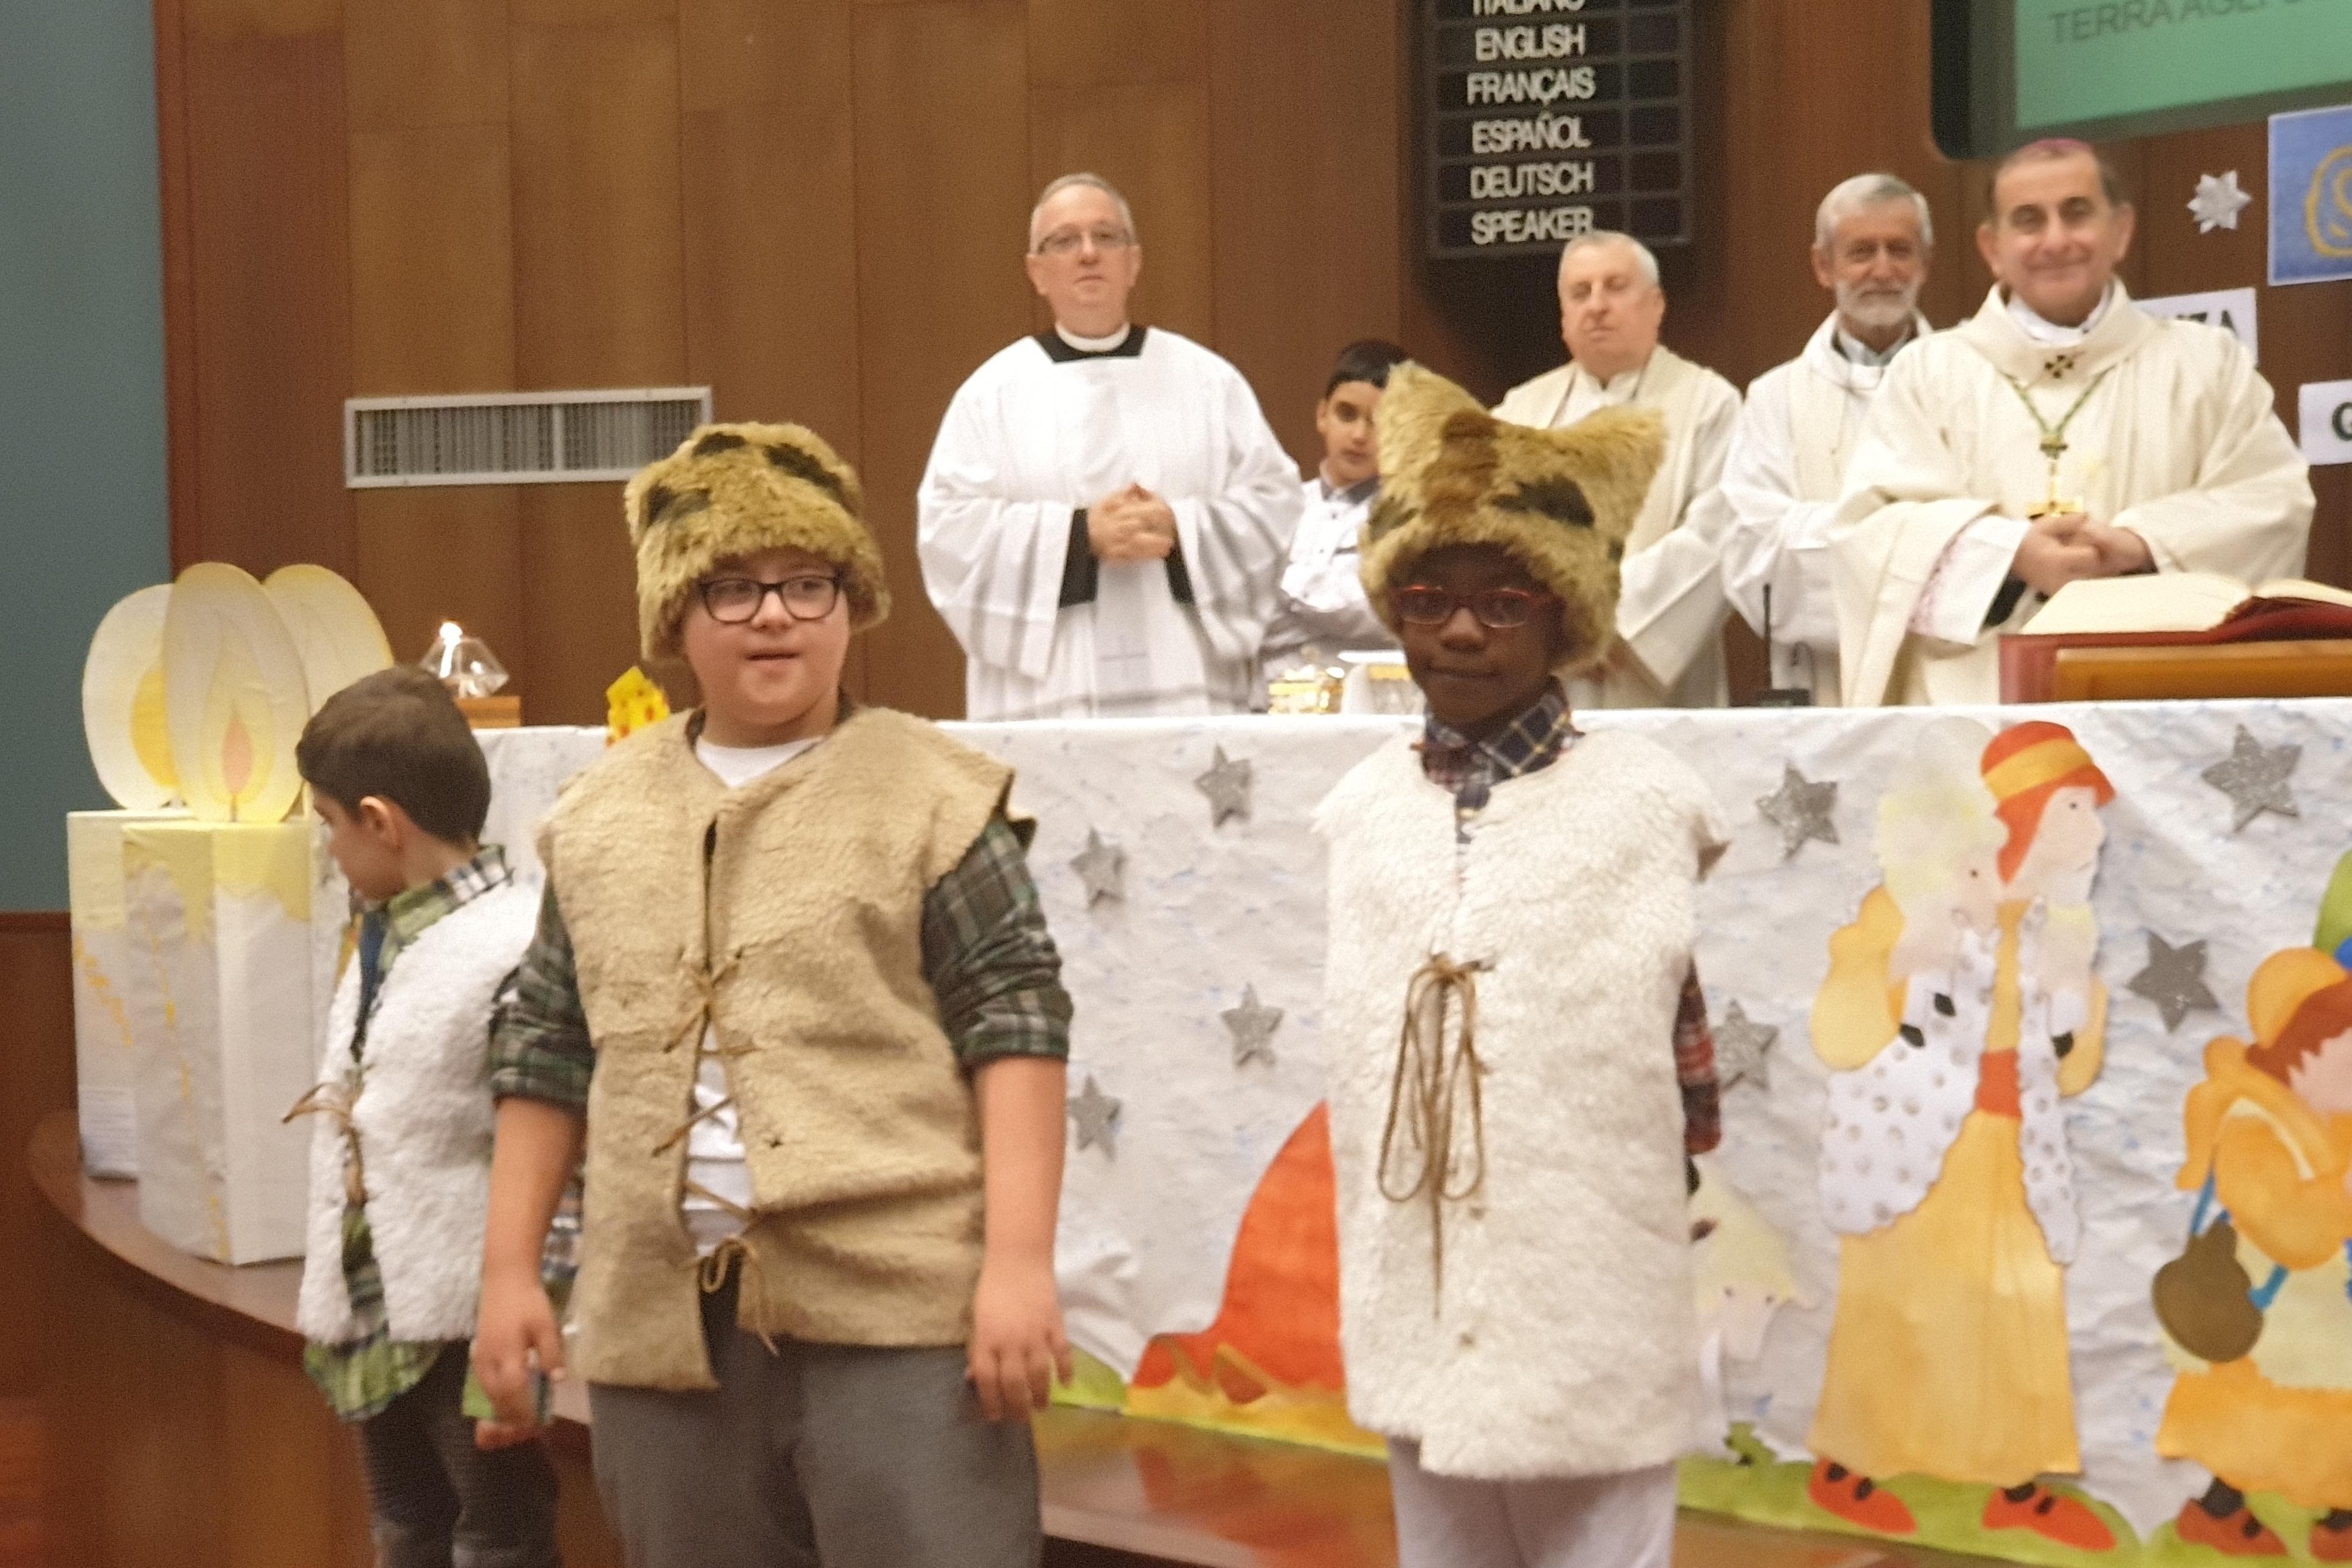 celebrazione-eucaristica-dell-arcivescovo-di-milano-mario-delpini_49237907267_o Cropped